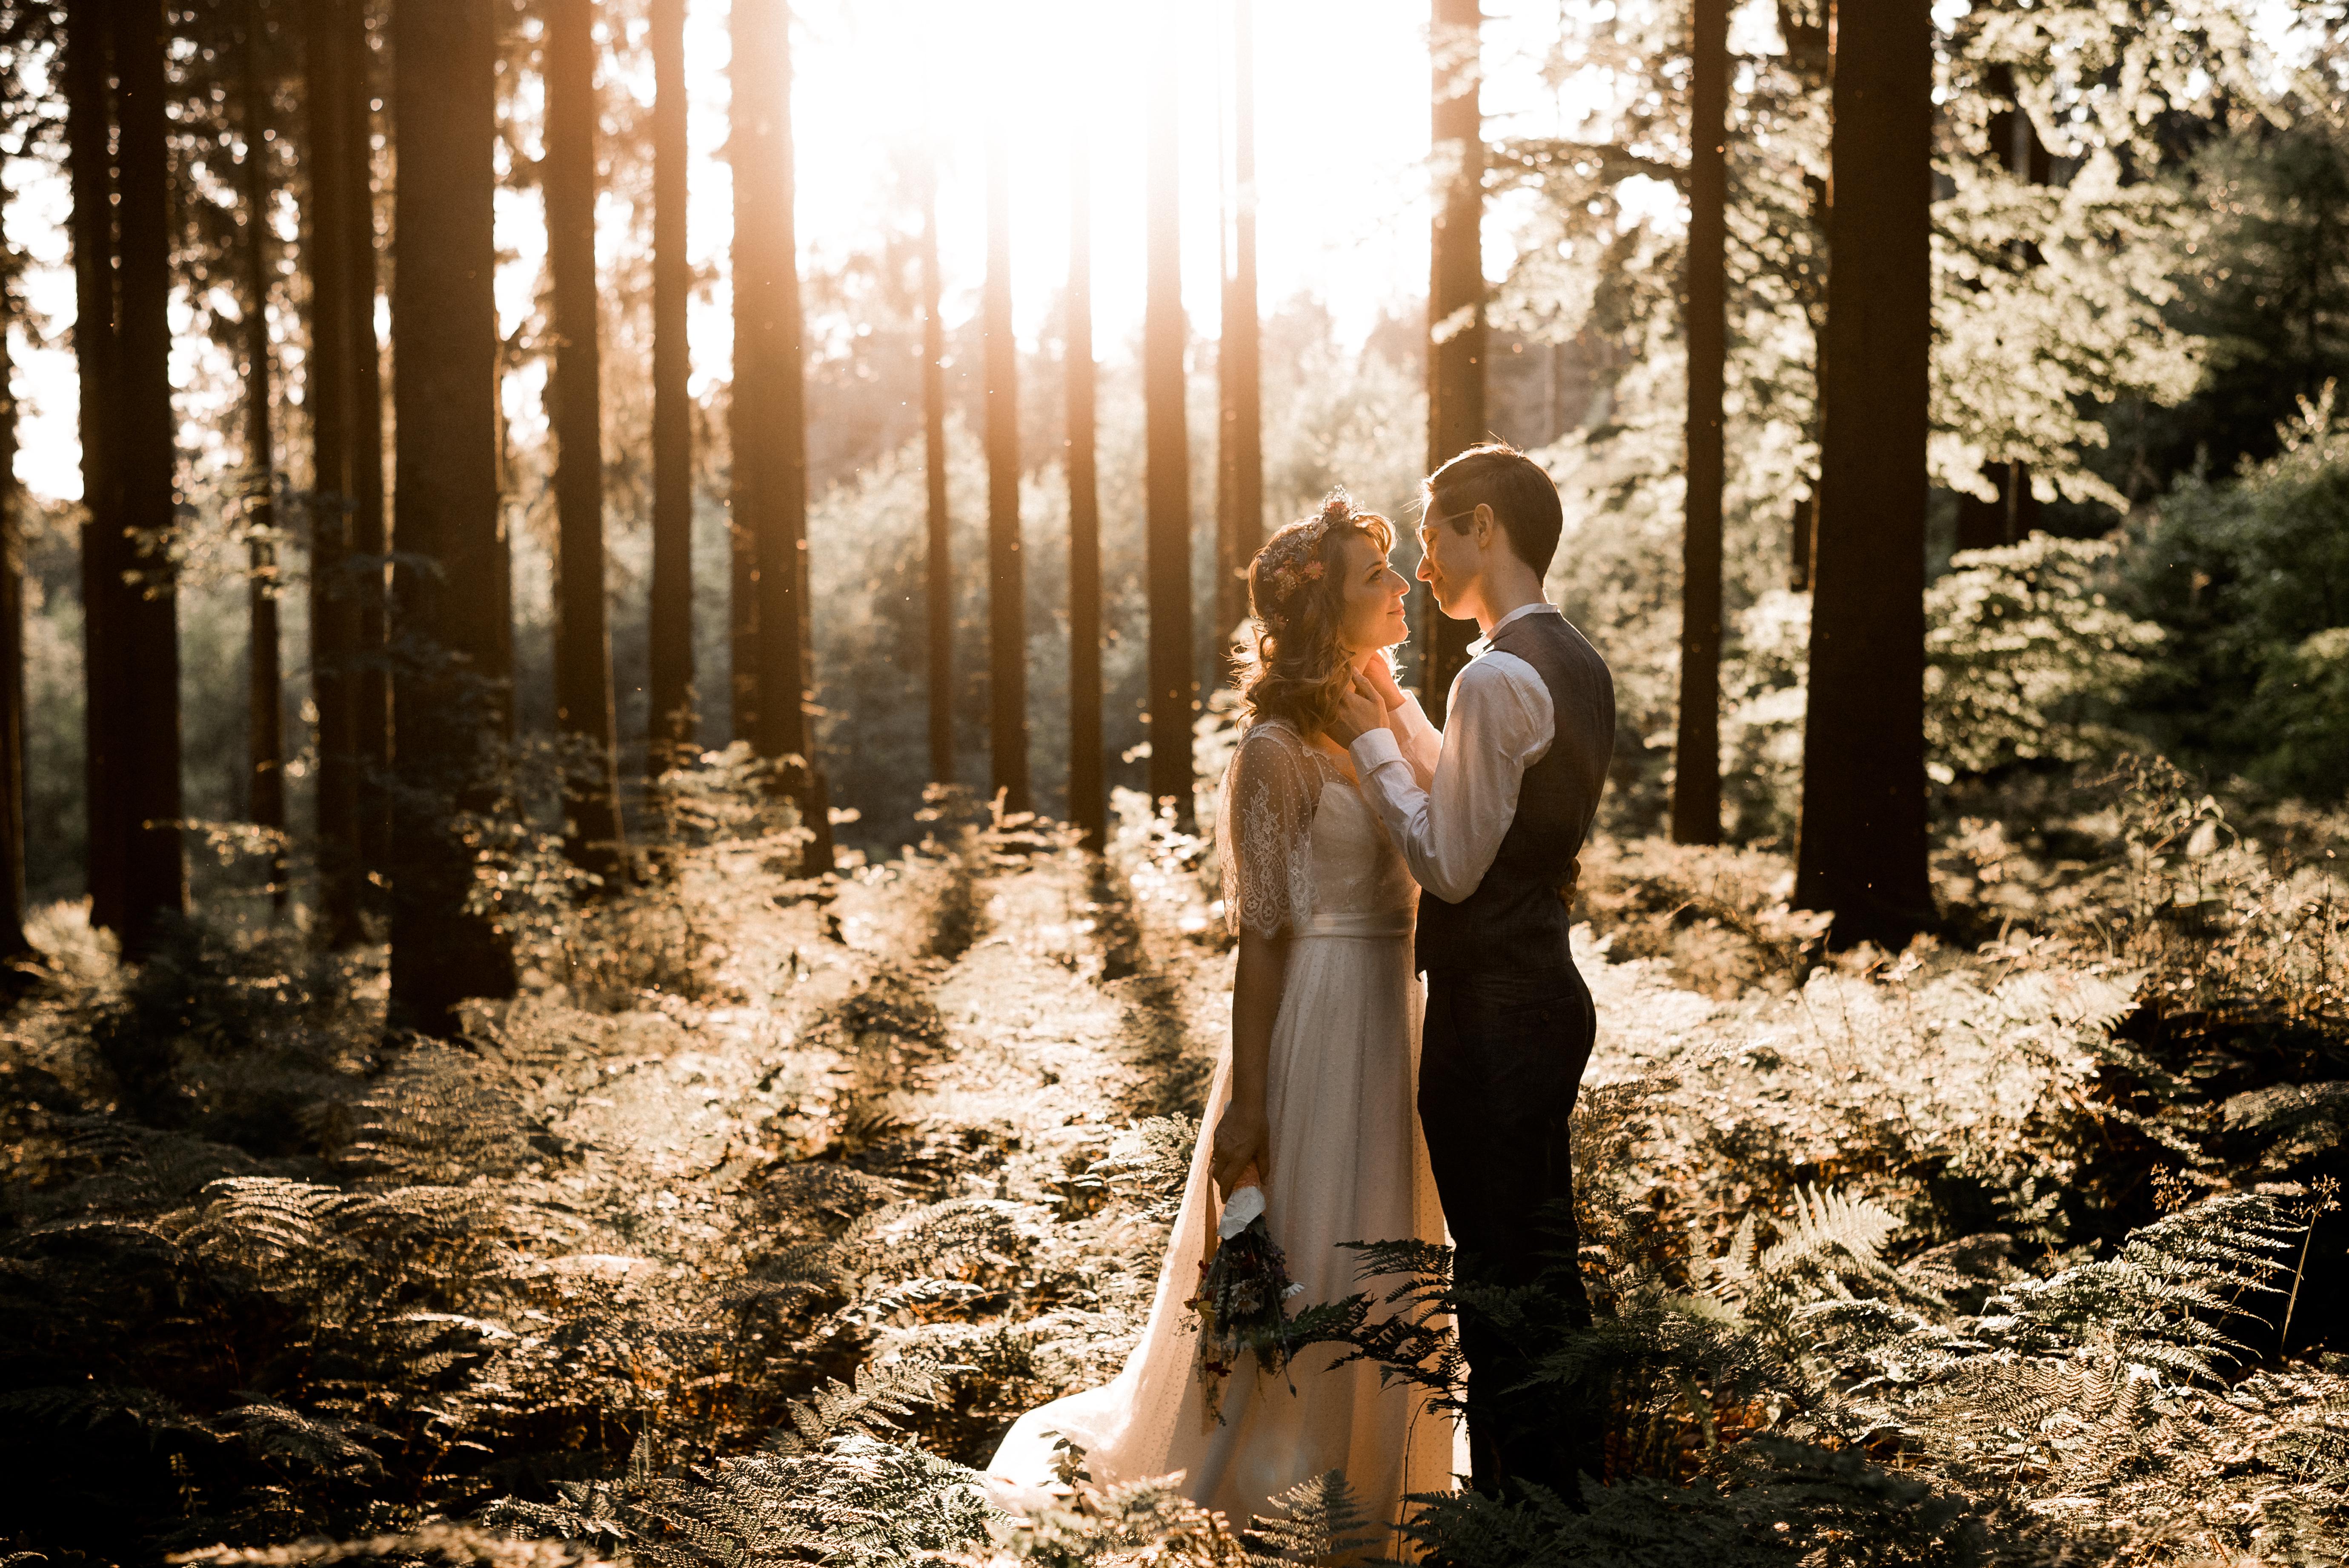 Hochzeitsfotografin traumhochzeit westerwald bad marienberg fotografie hochzeitsfotografin familienfotografin